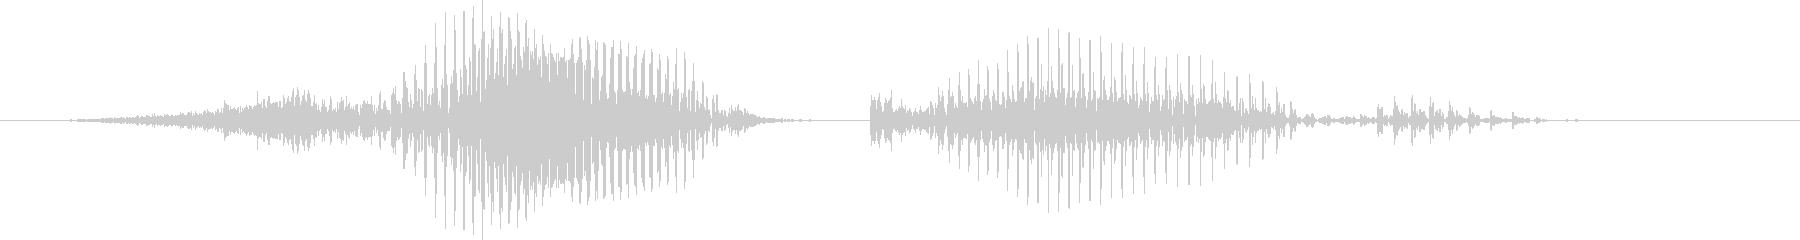 フォーカード - ポーカーの役(普通の未再生の波形